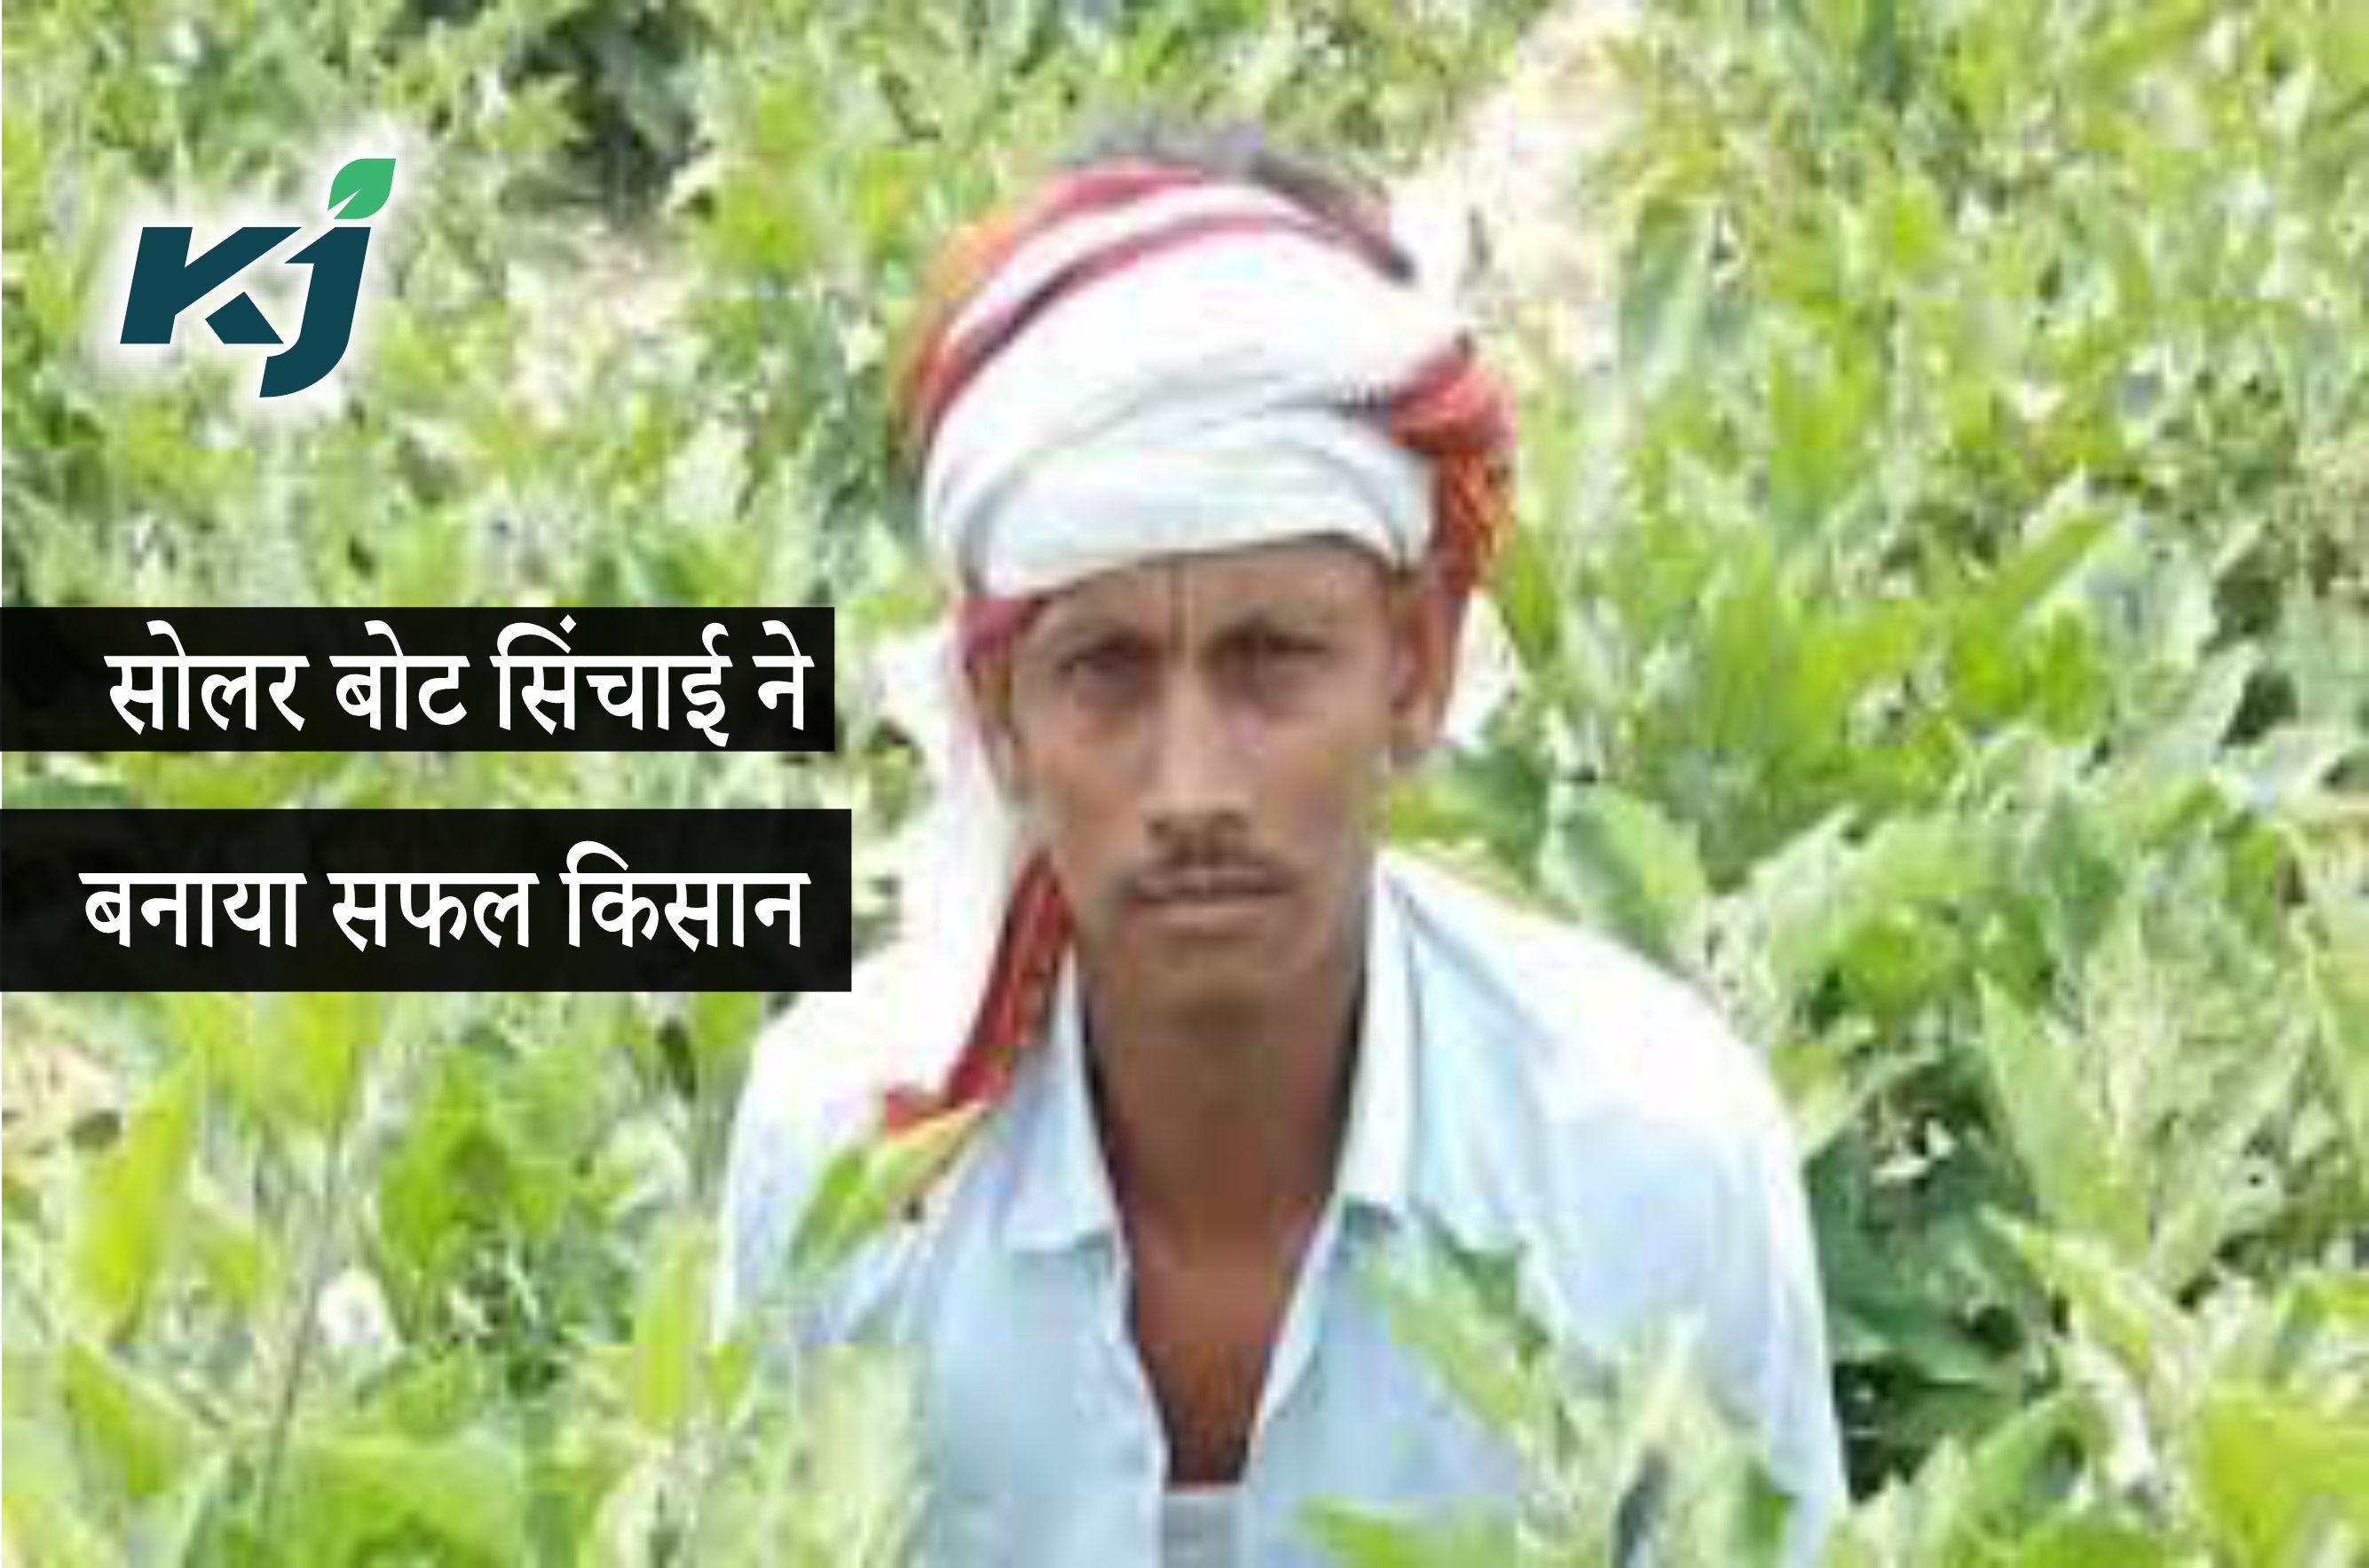 सिंचाई की इस तकनीक को अपनाकर किसान ने बेकार पड़ी 4 एकड़ खेत में उगाई सब्जियां, मिल सकता है 25 लाख का इनाम